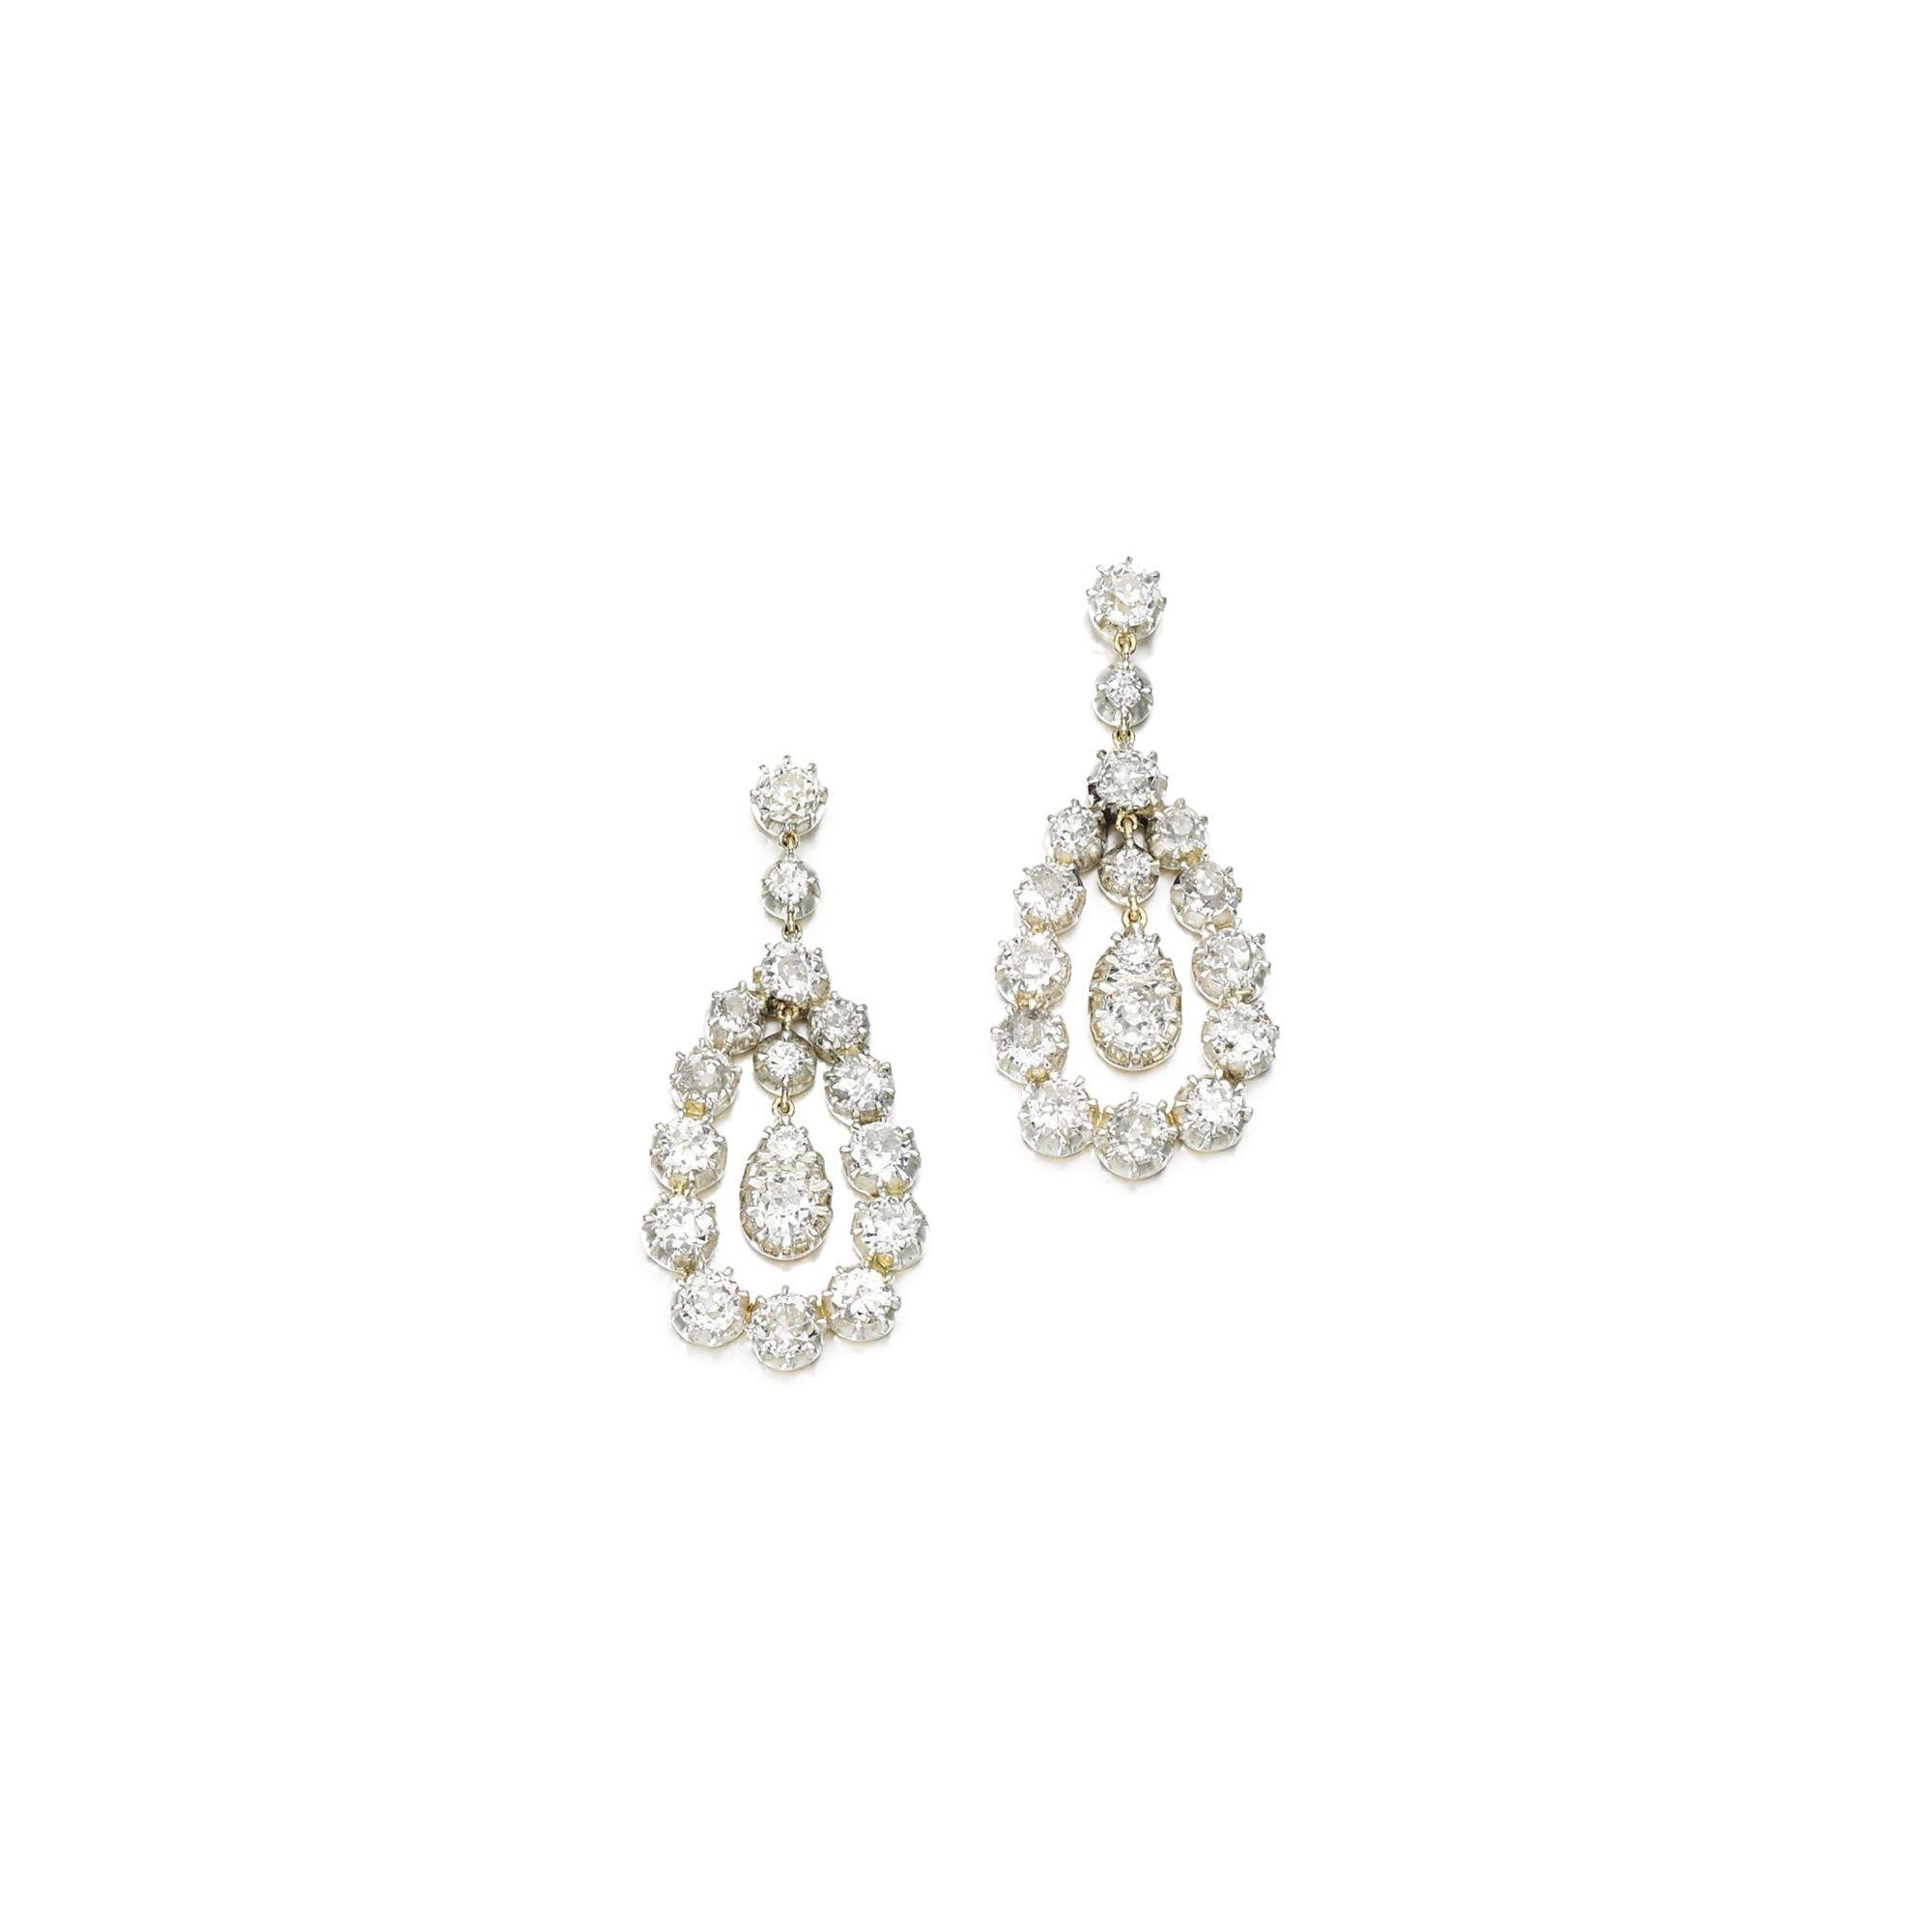 earrings sotheby s l lot9q5jjen